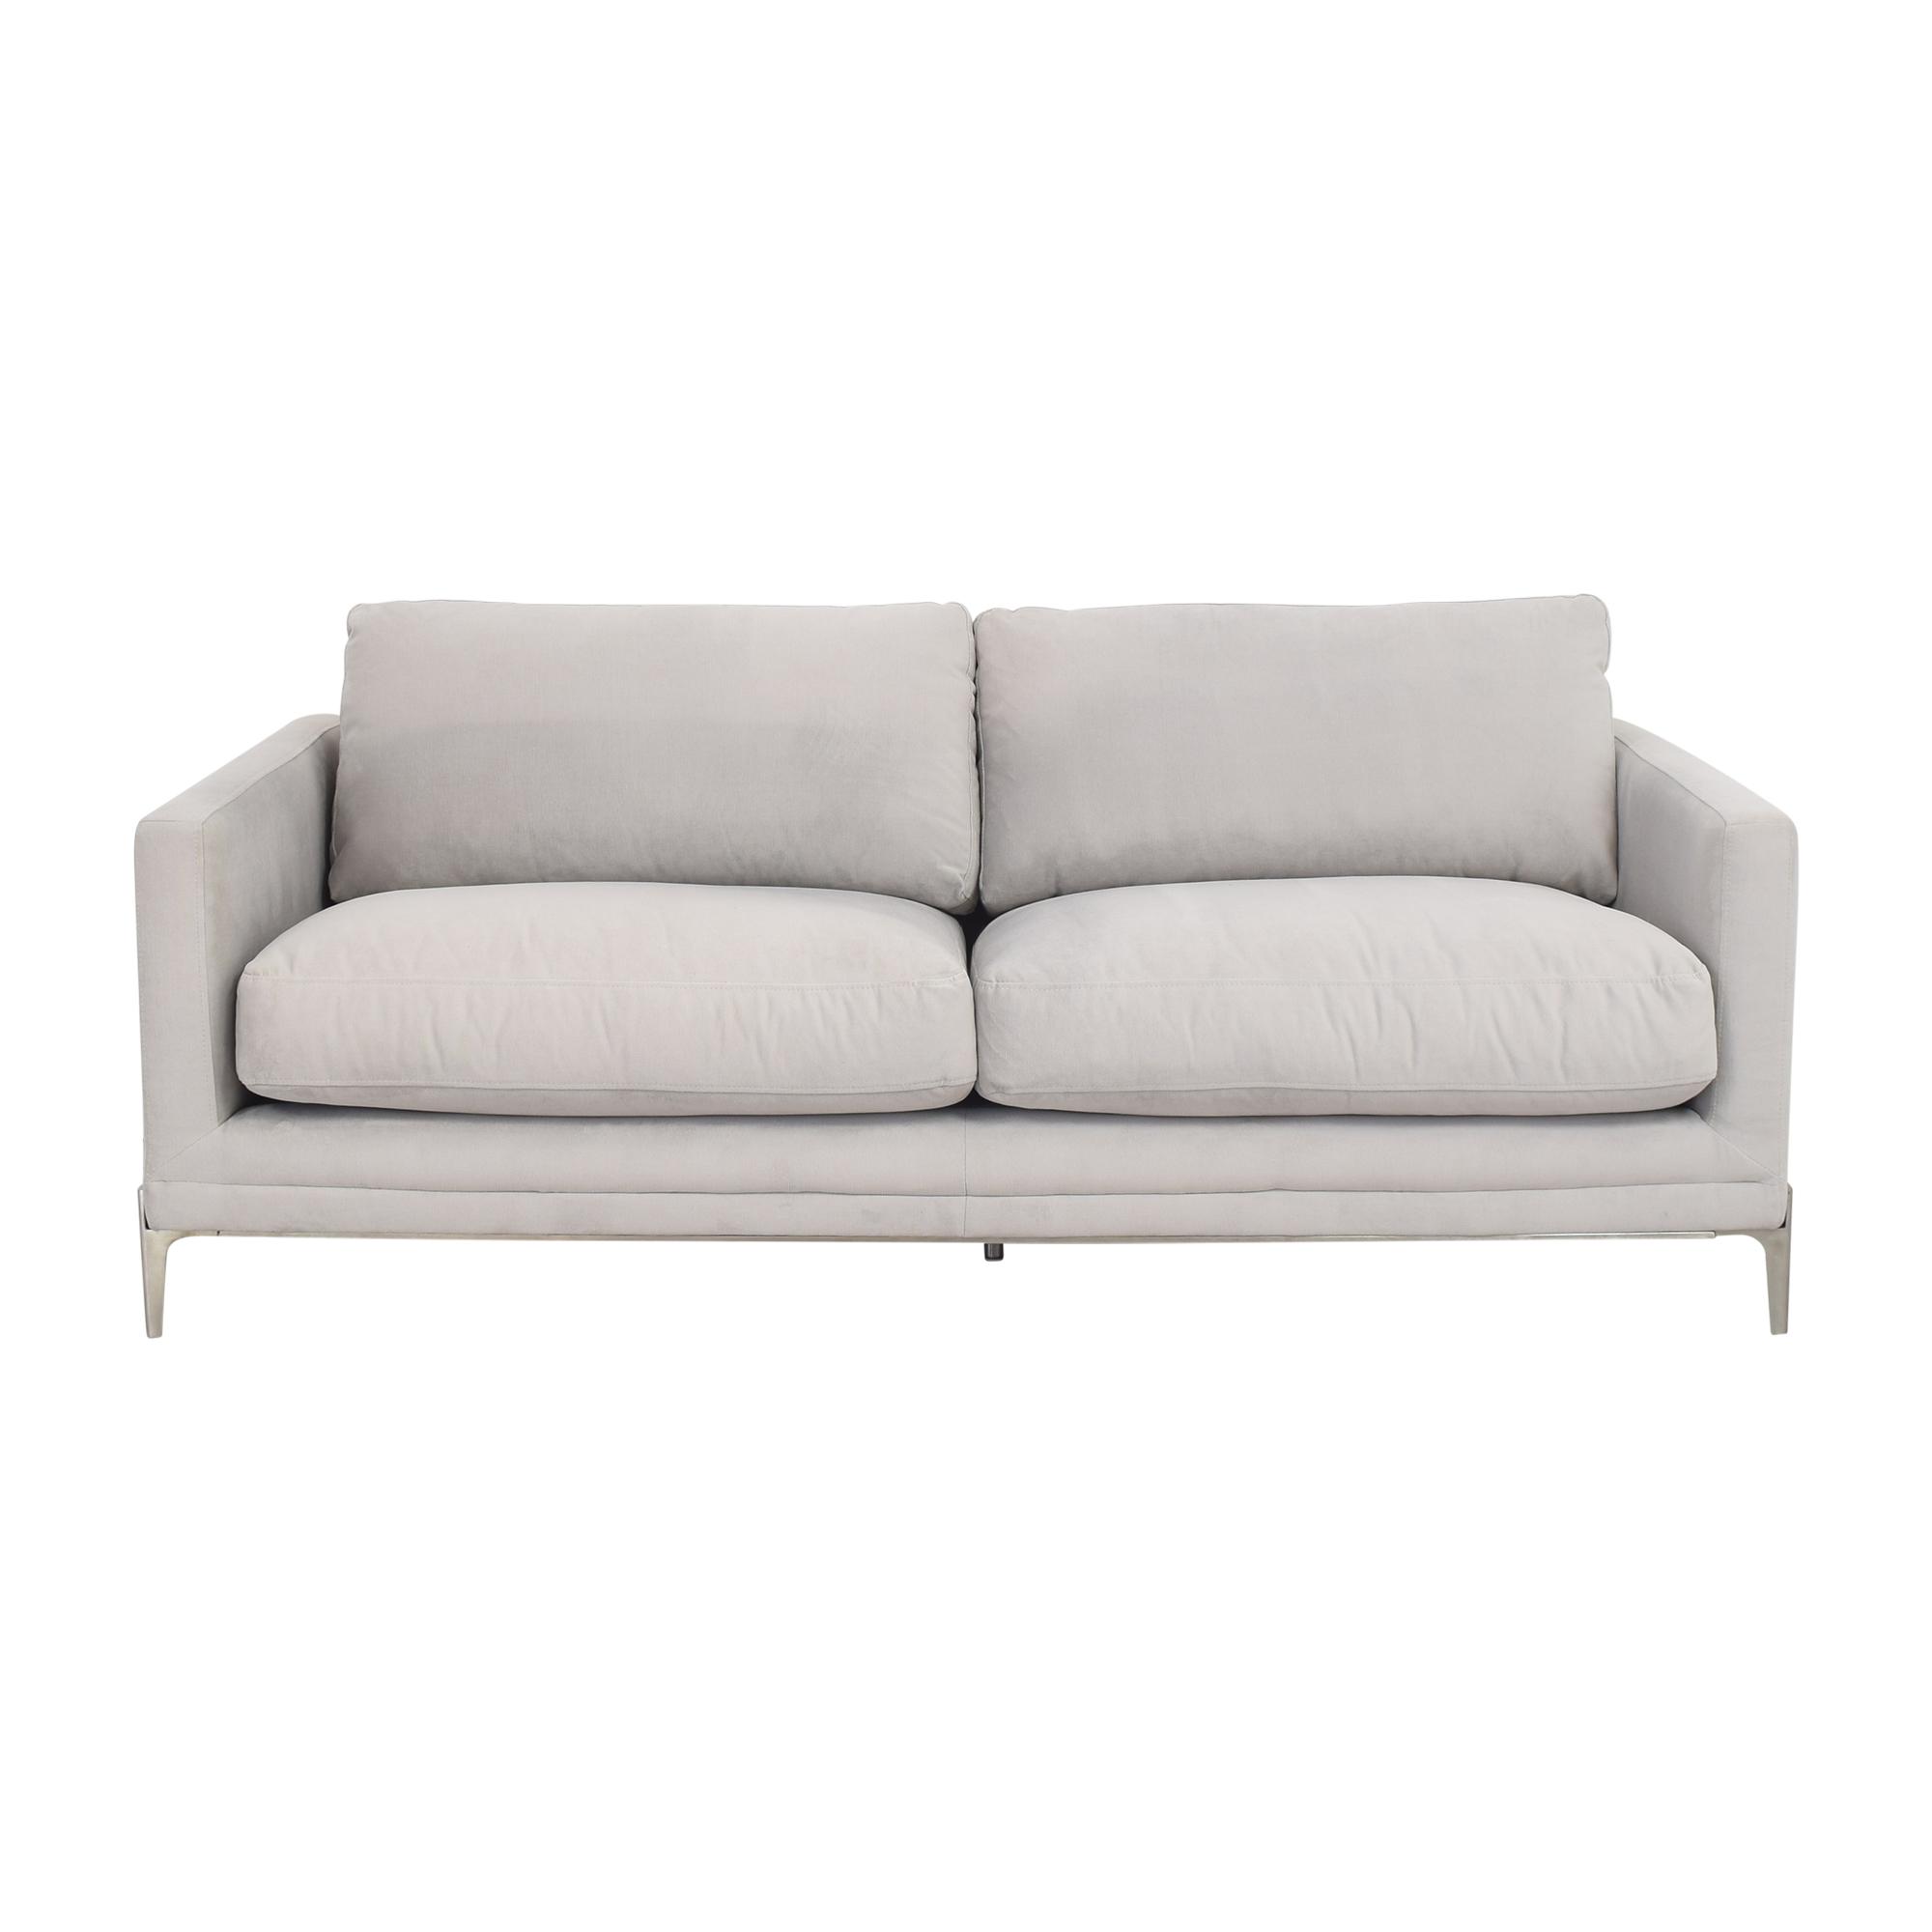 Sunpan Sunpan Two Cushion Modern Sofa pa